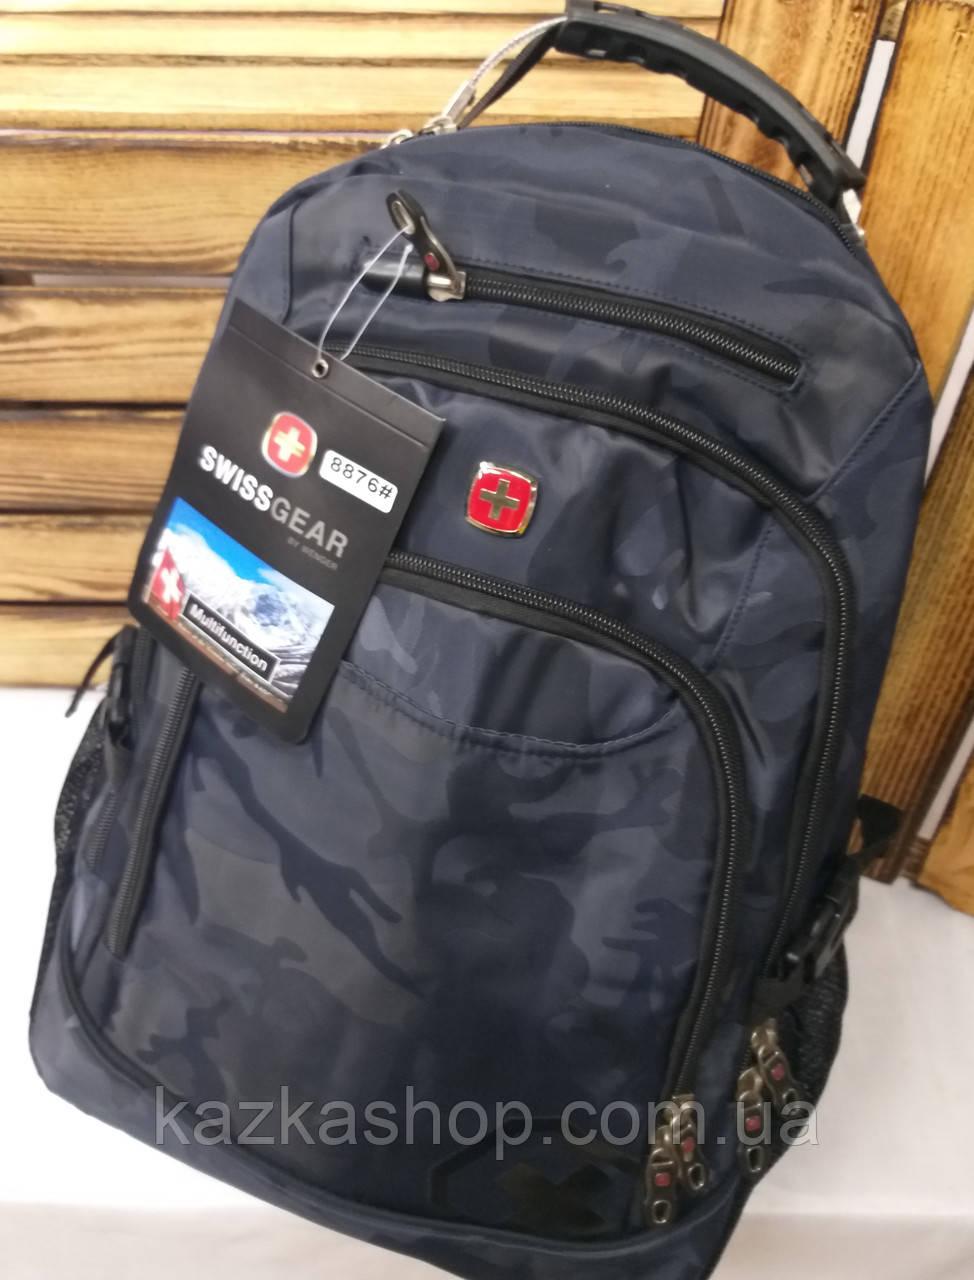 Спортивный, прогулочный прочный рюкзак копия Swissgear, USB-порт, аудиопорт, защитный чехол